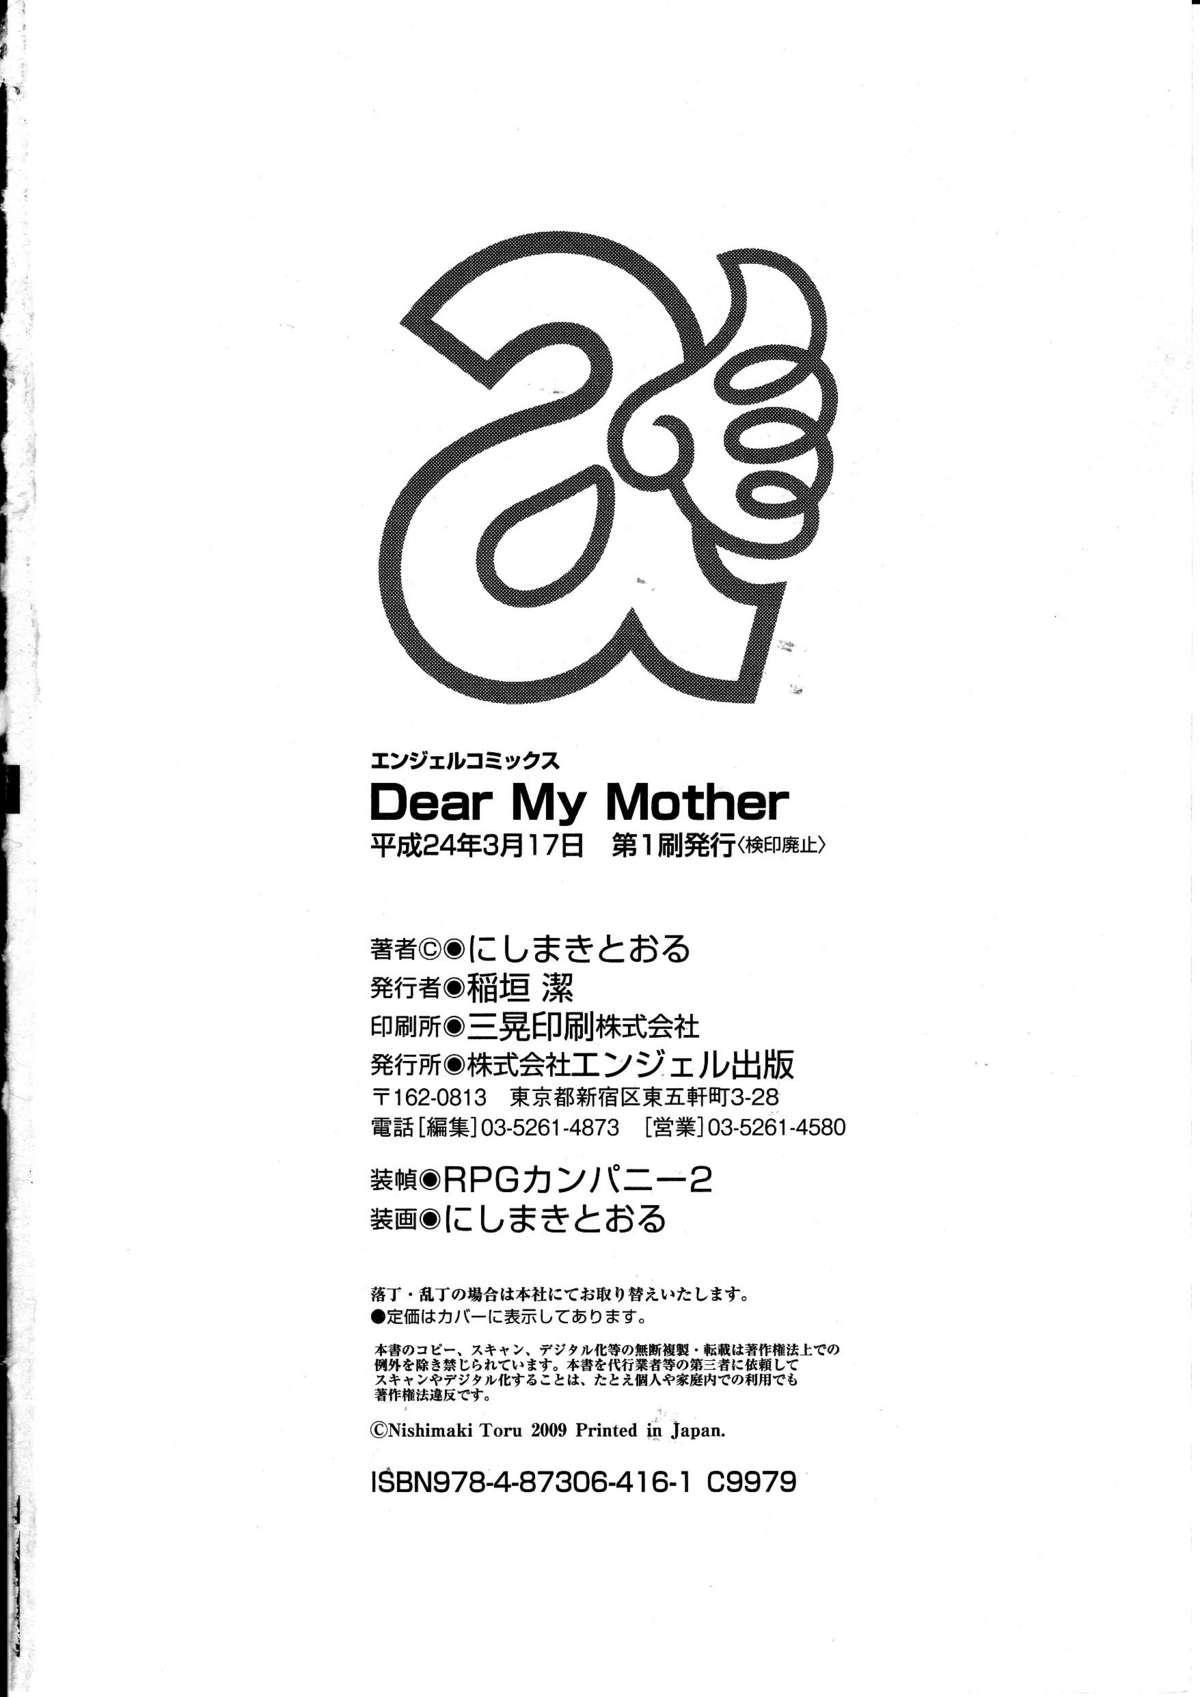 Dear My Mother 194